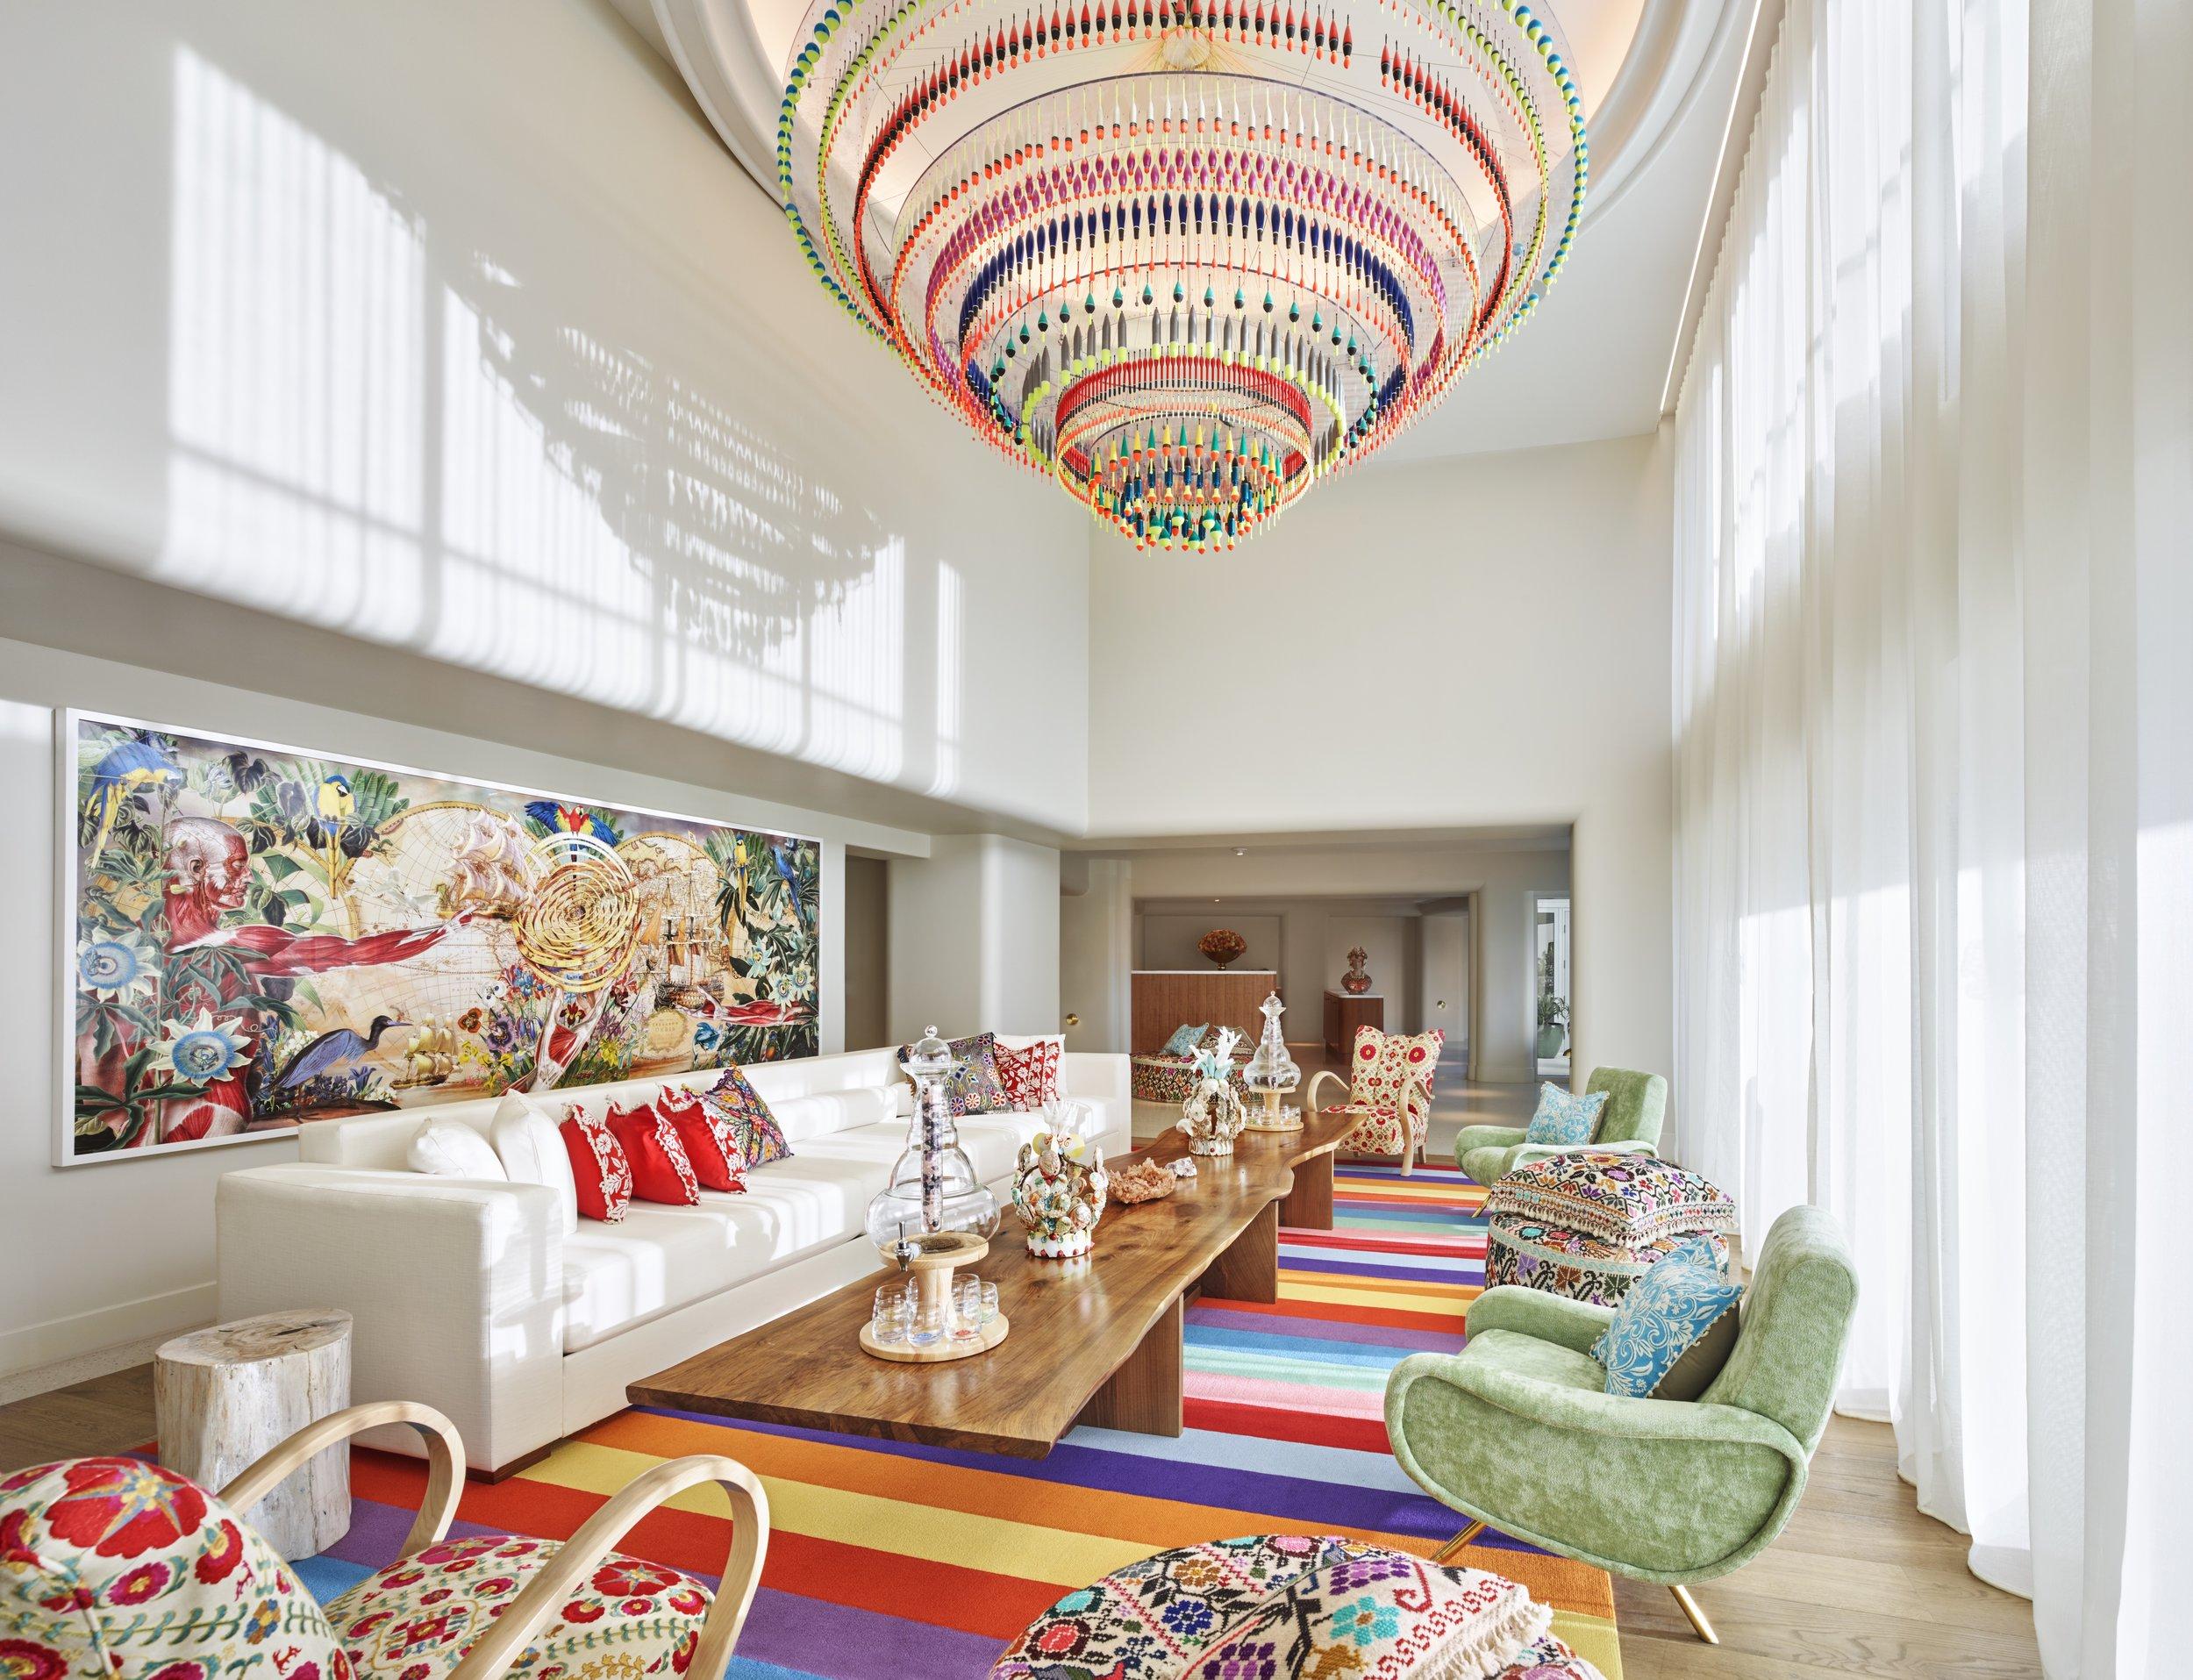 Tierra Santa_Living Room_ Photo by Nik Koenig.jpg